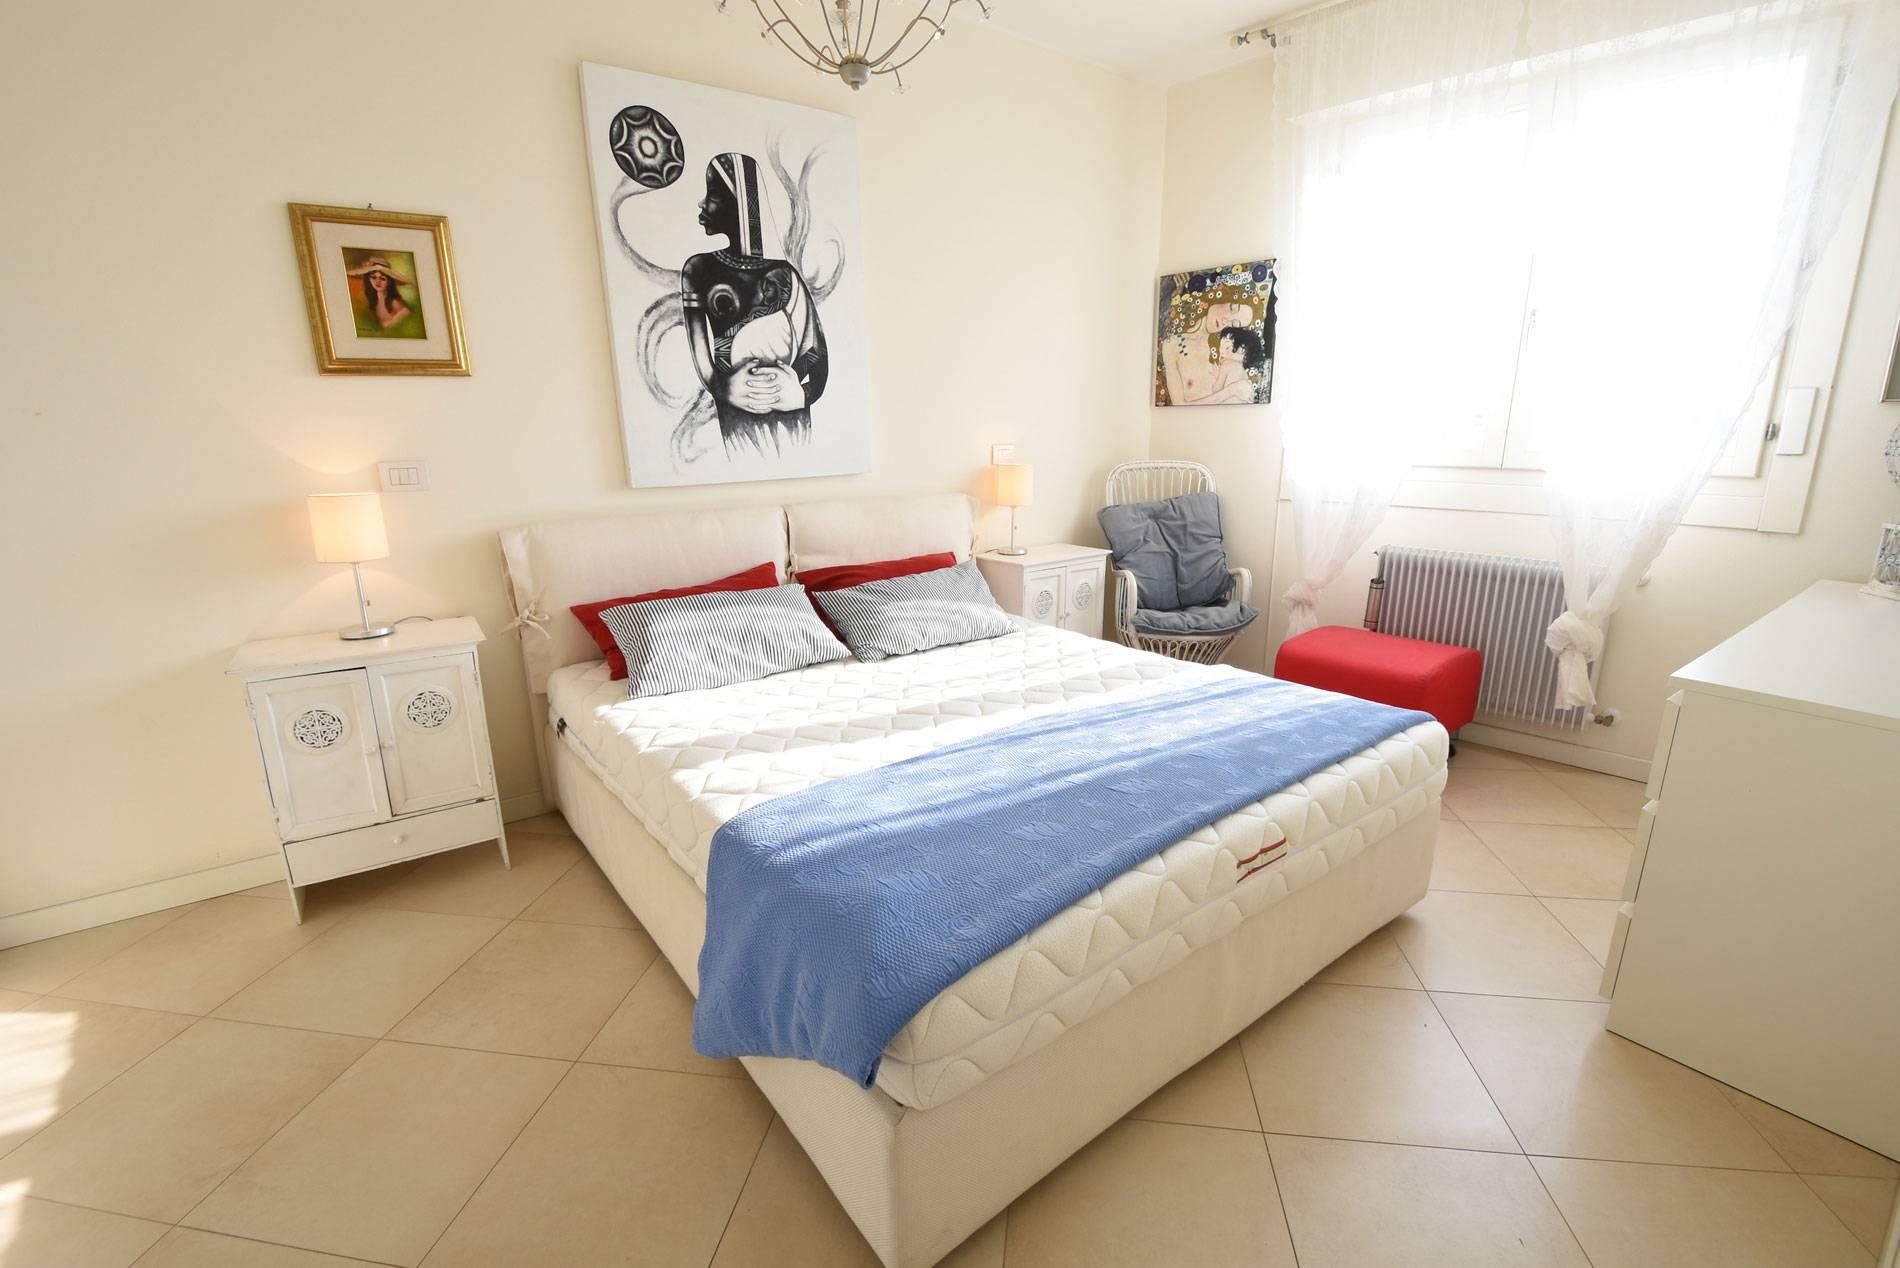 camera-da-letto-appartamento-vacanze-jesolo-2036122380